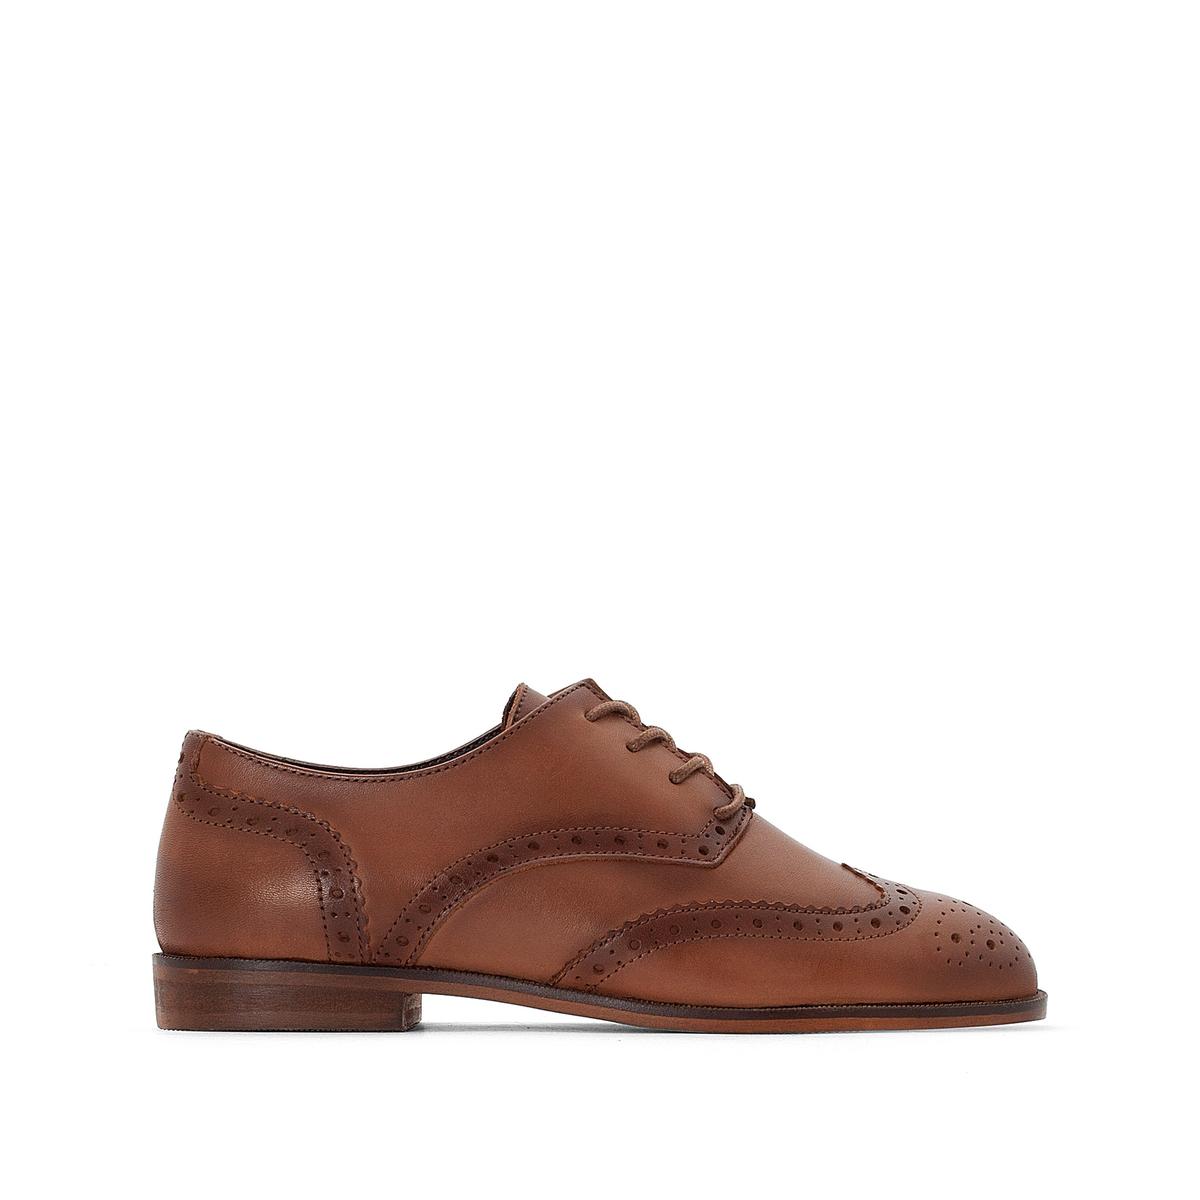 Ботинки-дерби La Redoute Кожаные с мыском перфорированным 41 каштановый туфли la redoute кожаные с открытым мыском и деталями золотистого цвета 41 черный